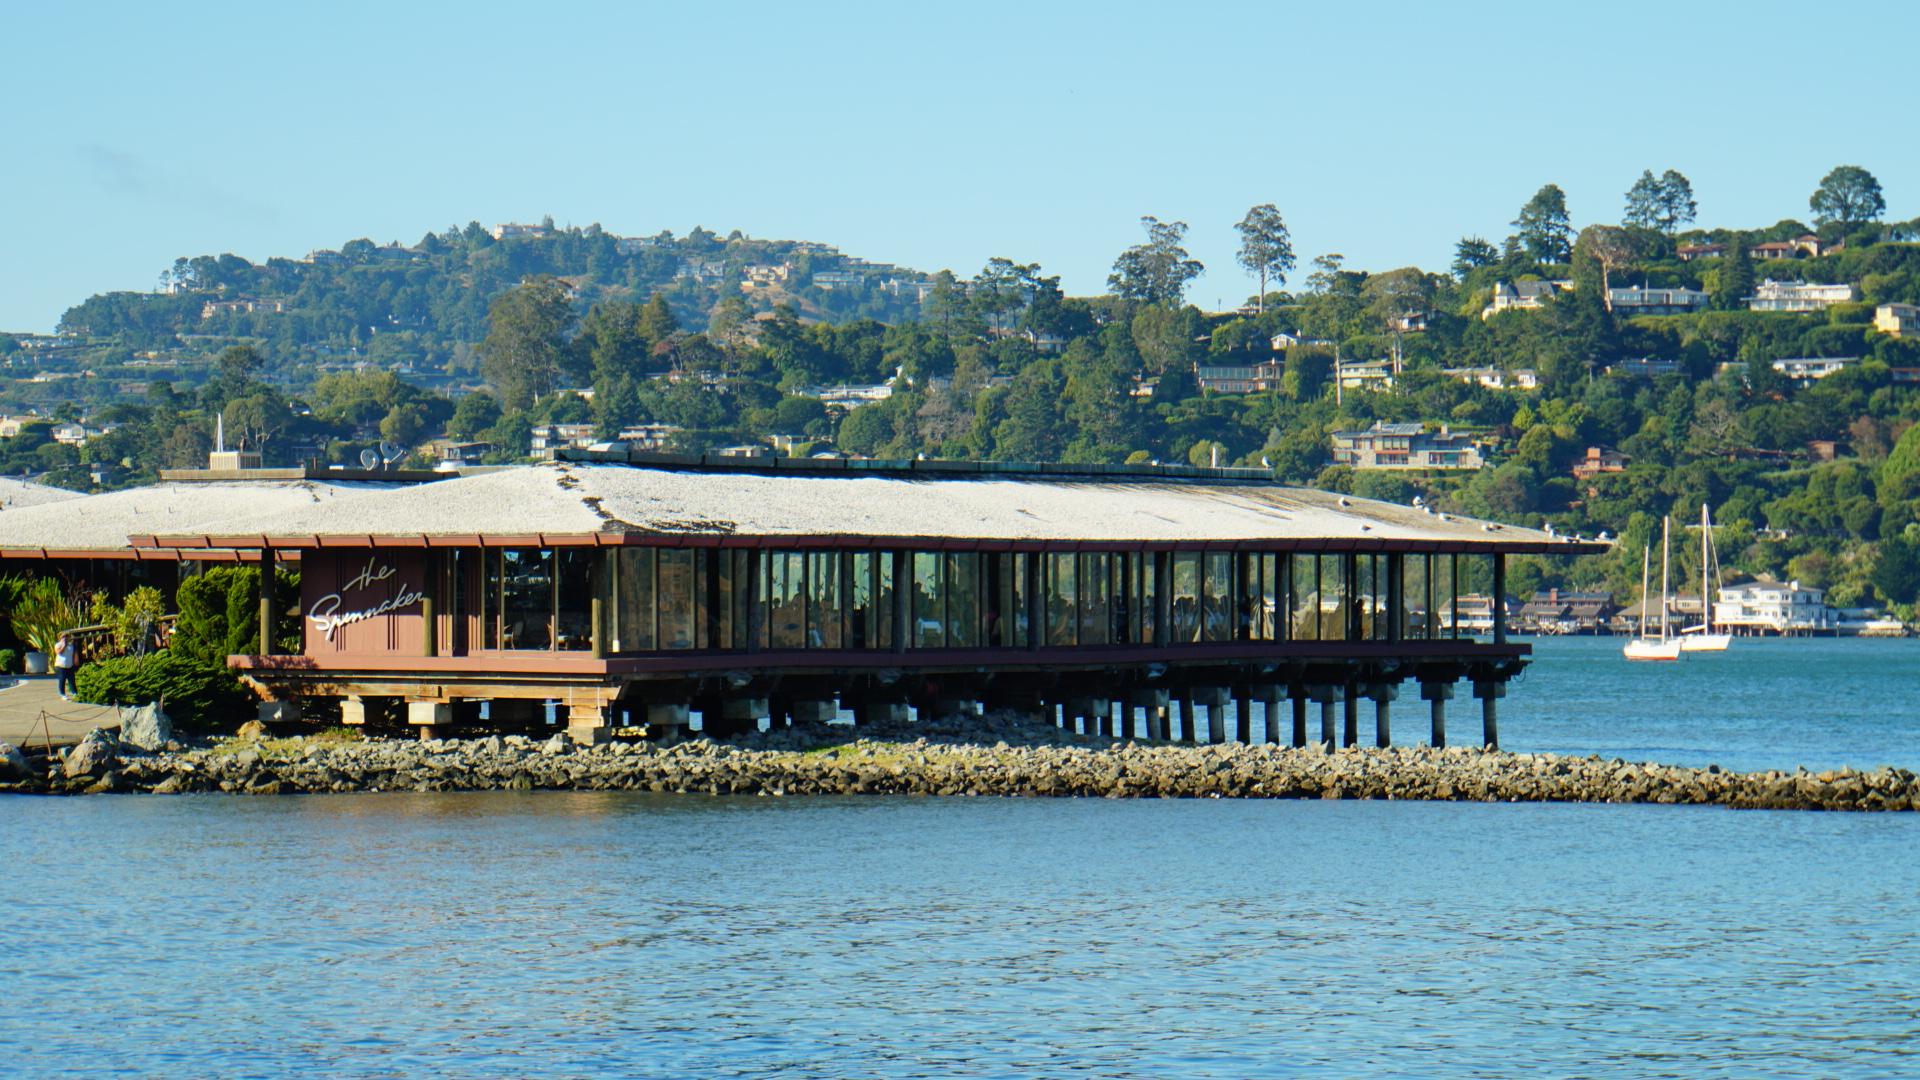 対岸にサンフランシスコの街並みが見える、おしゃれな観光地サウサリートにあるオーシャンビューのレストラン(カリフォルニア州)